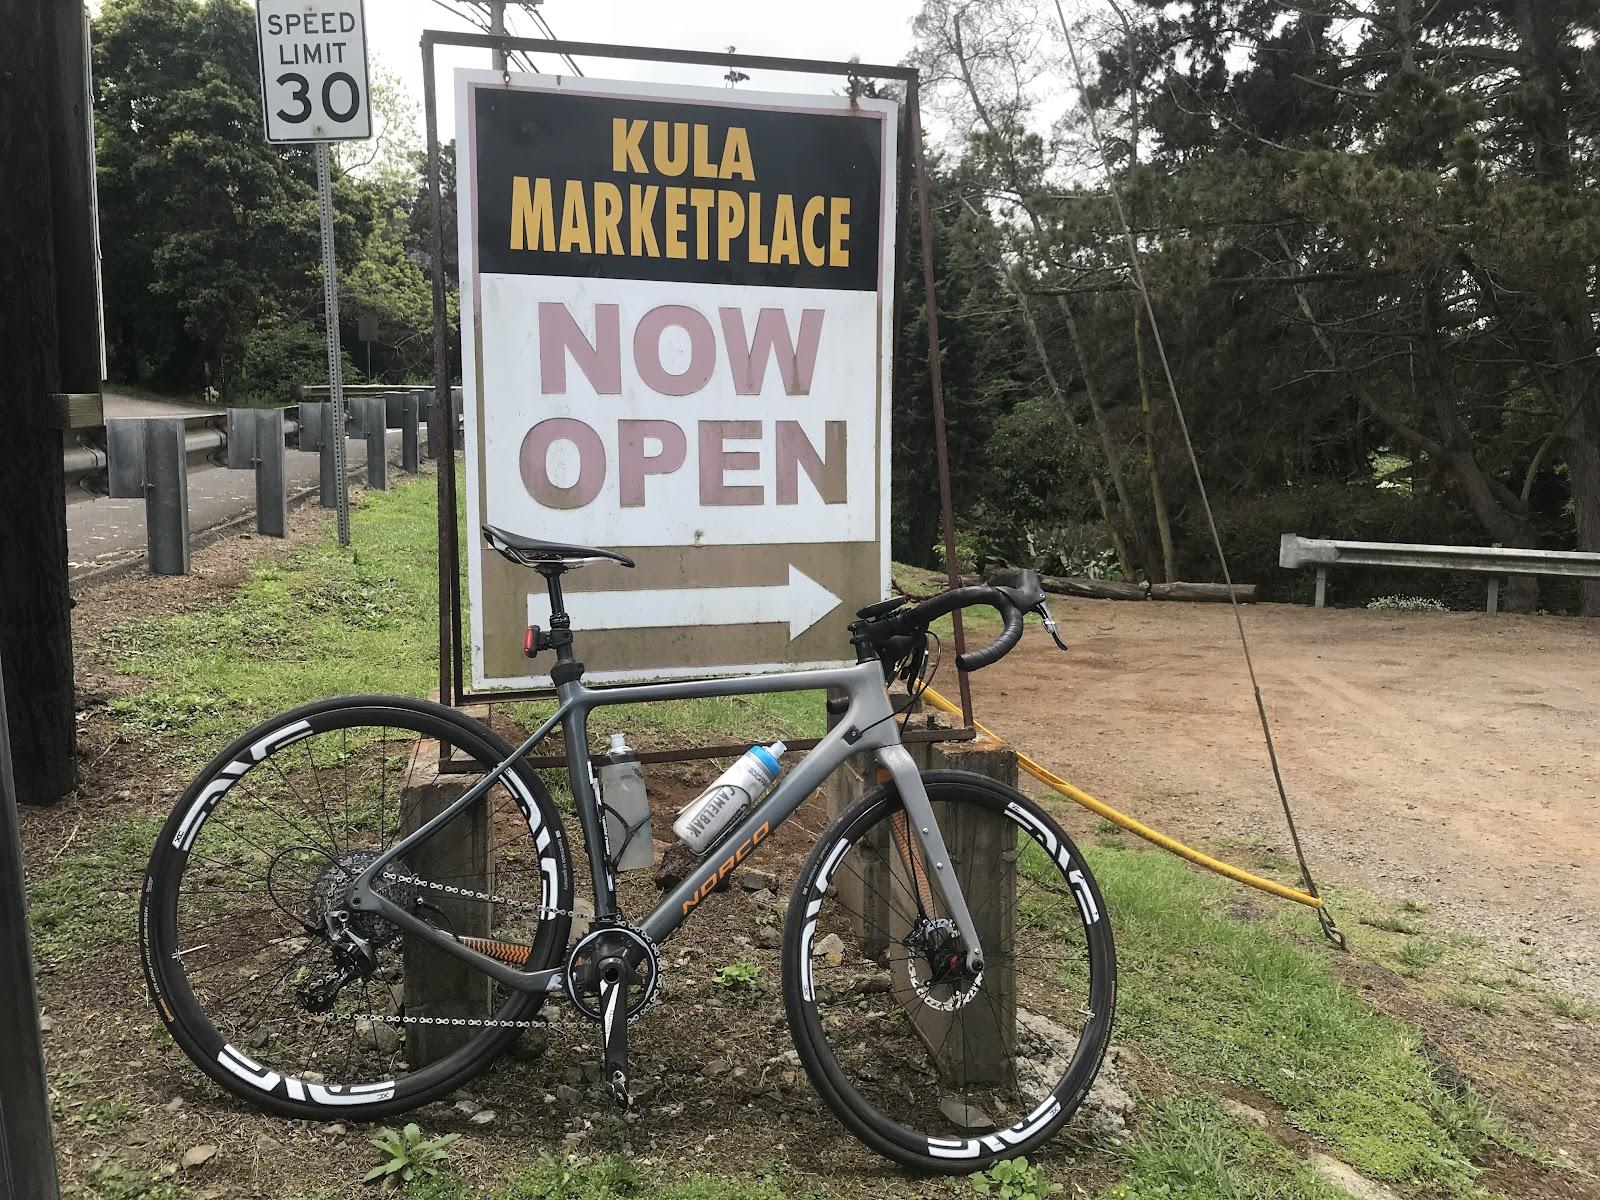 Cycle to Kula Marketplace for rest on way to Haleakala